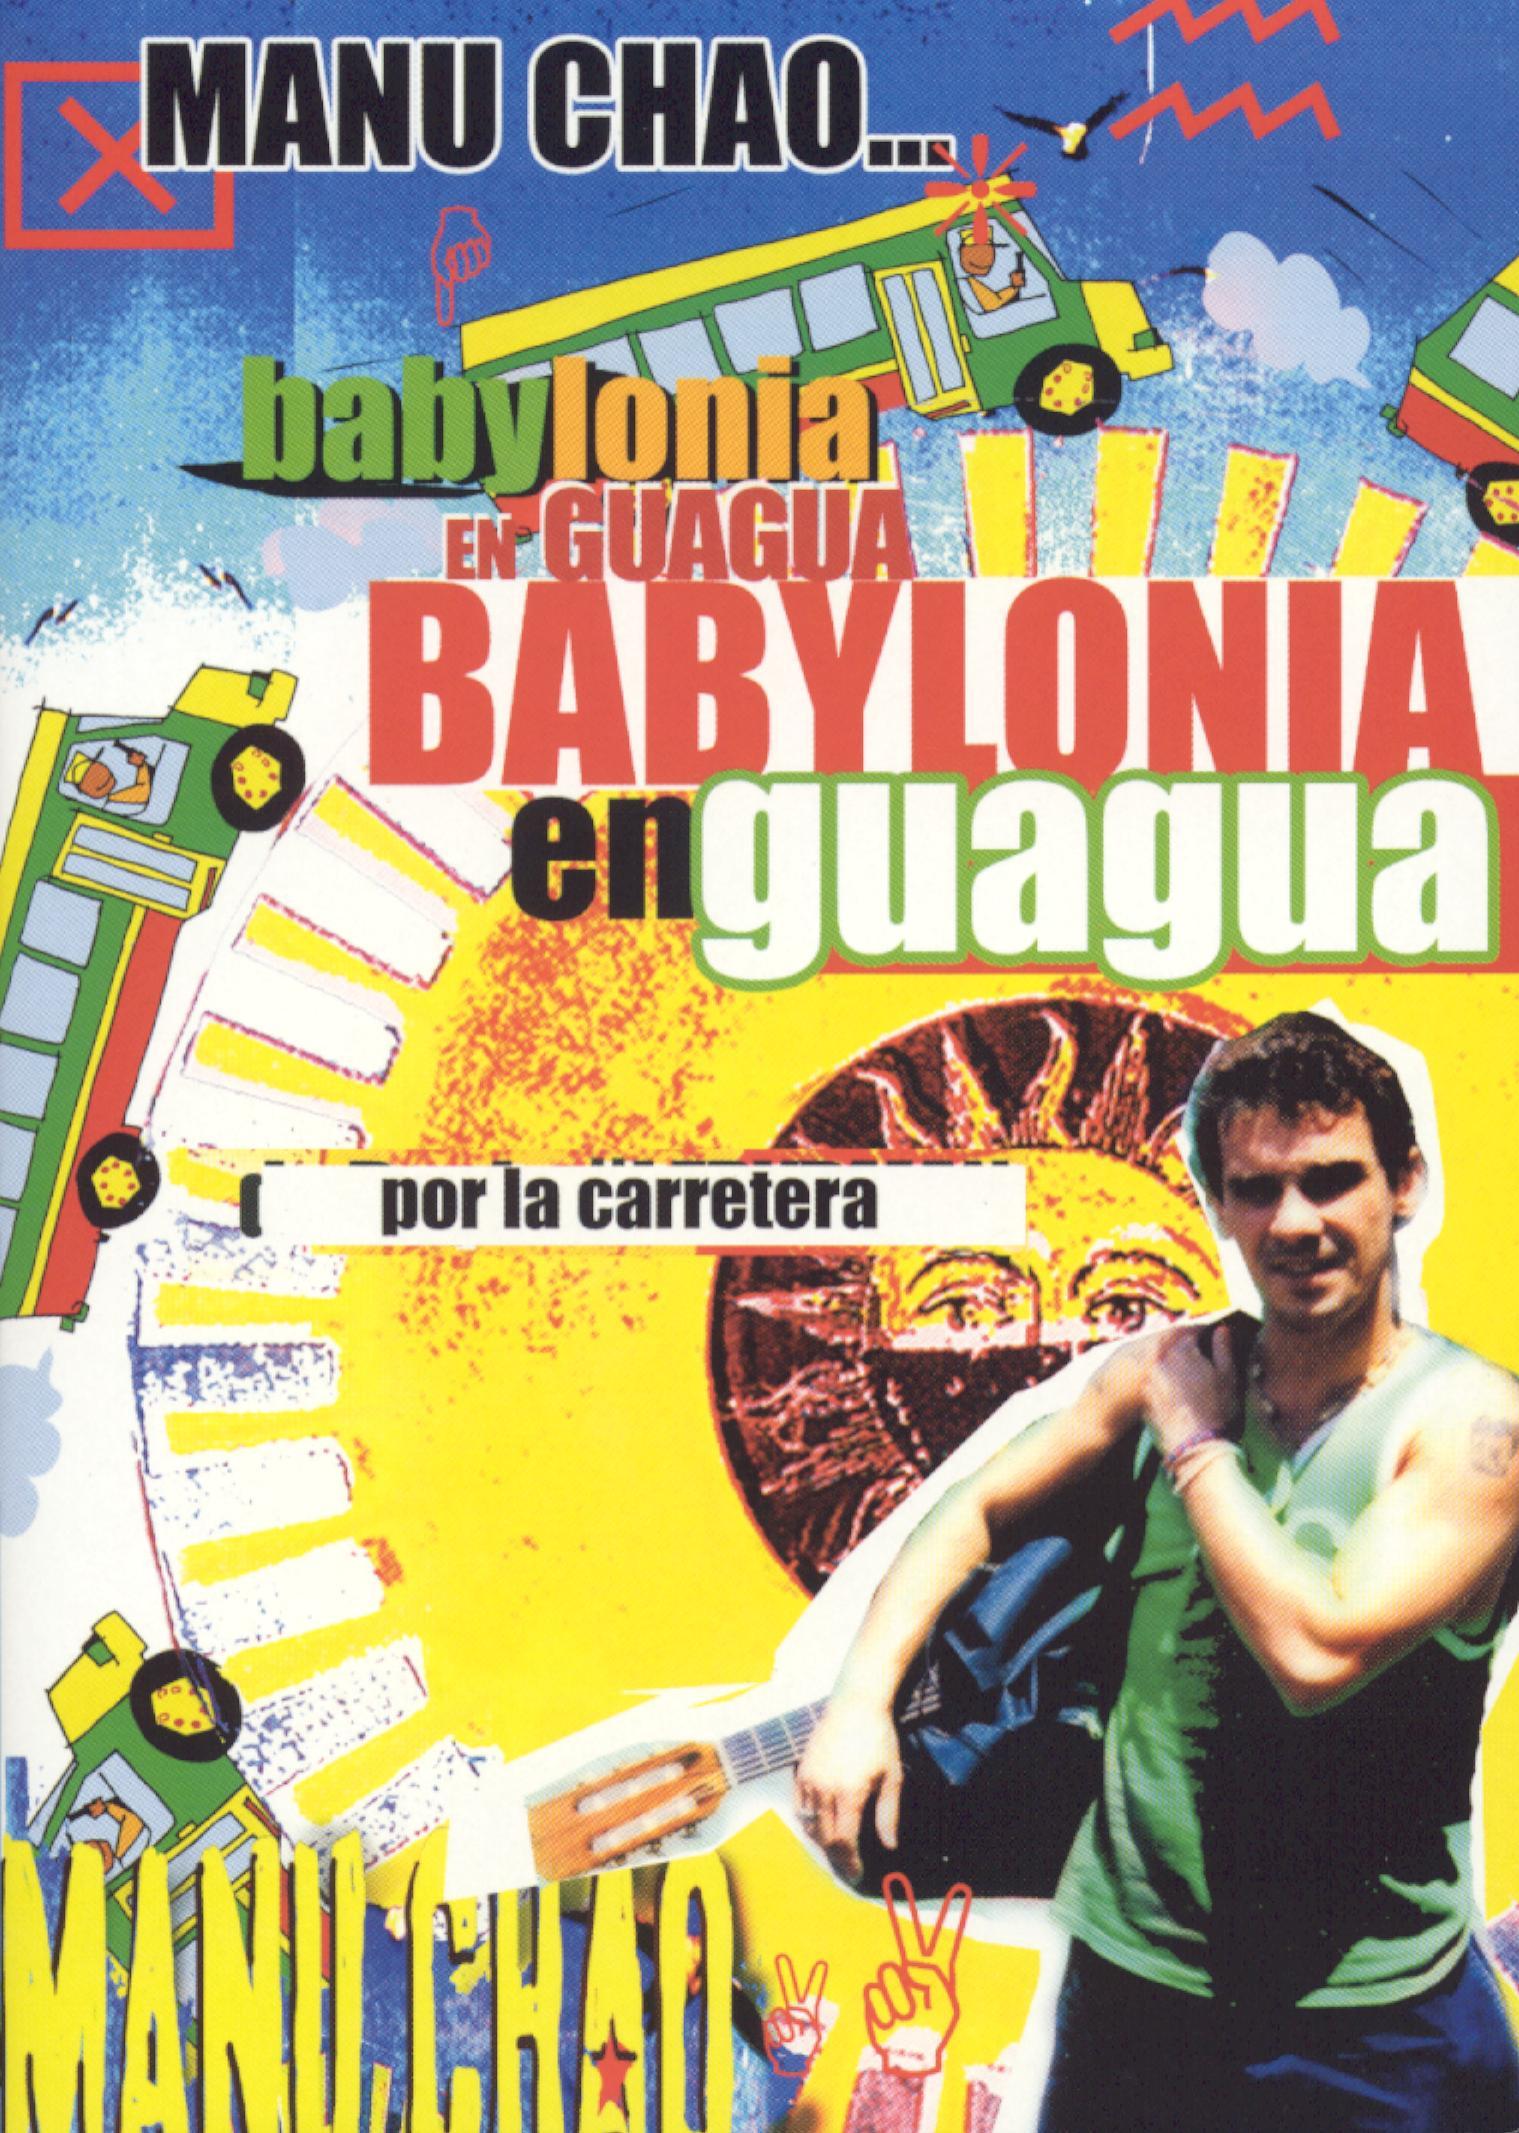 Manu Chao: Babylonia en Guagua